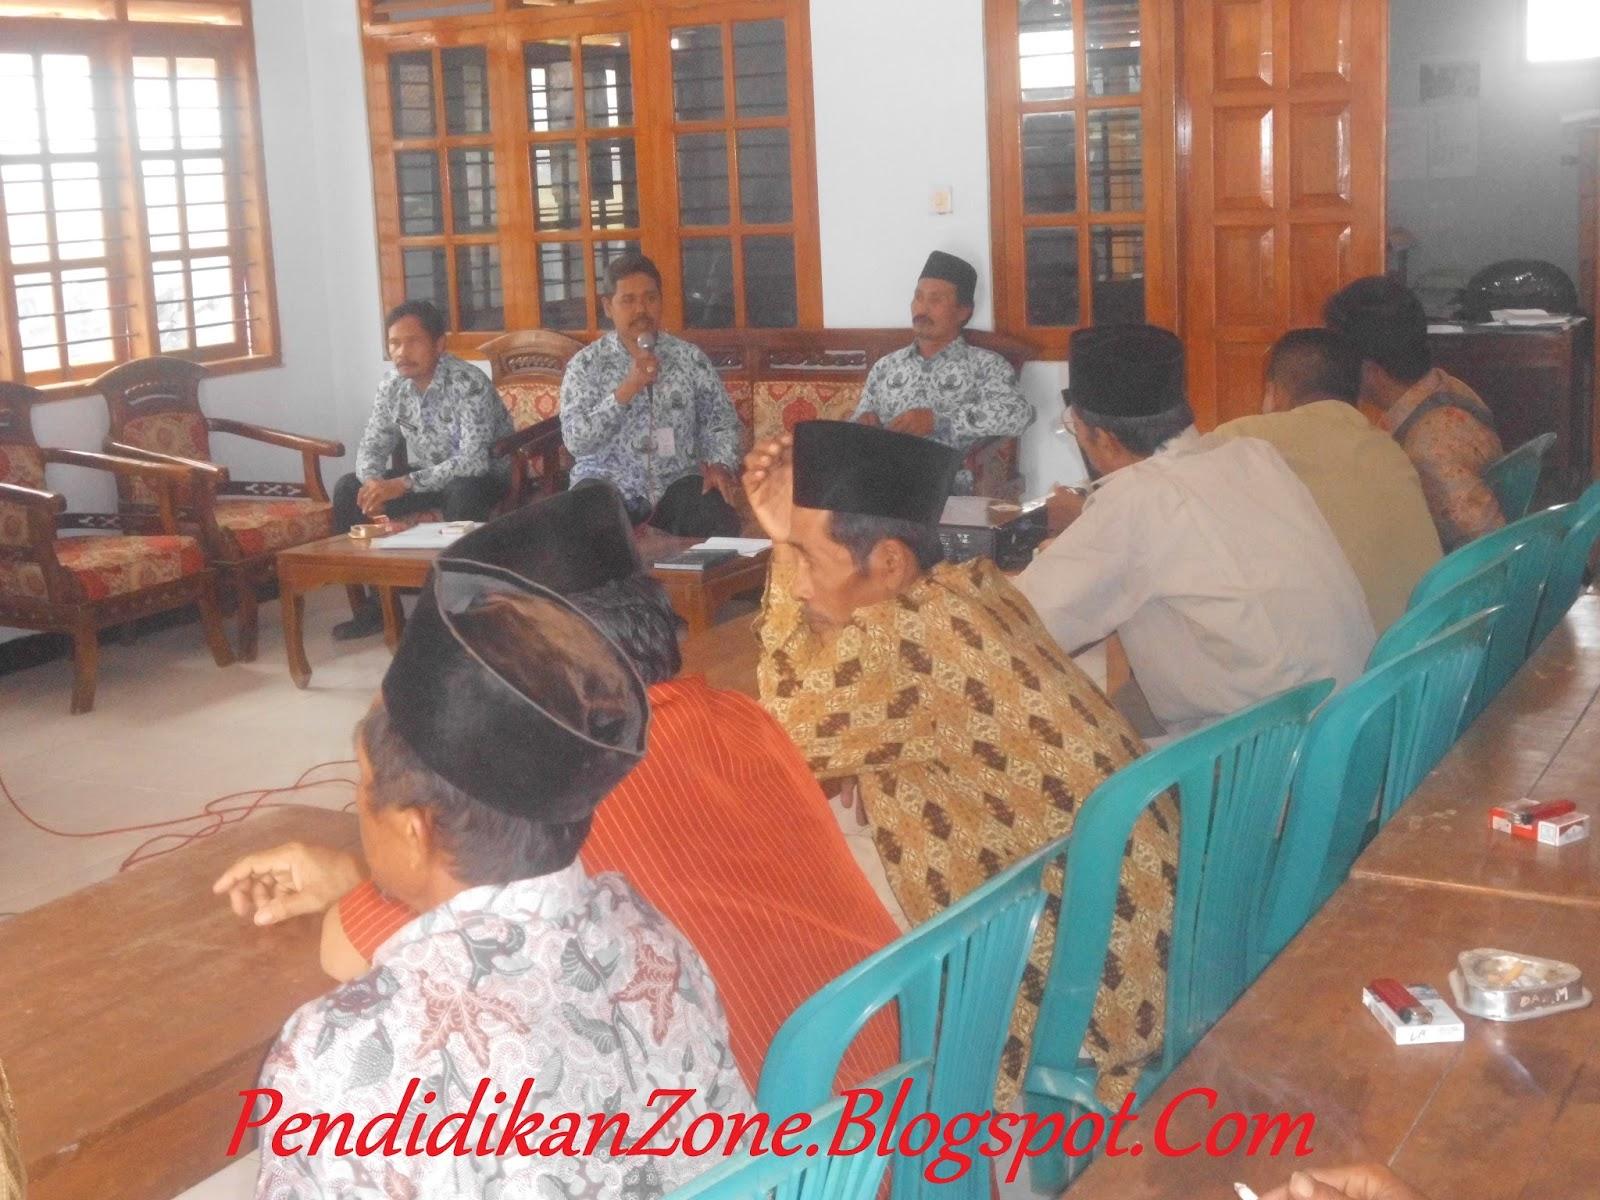 Soal Latihan Pkn Materi Otonomi Daerah Dilengkapi Dengan Jawaban